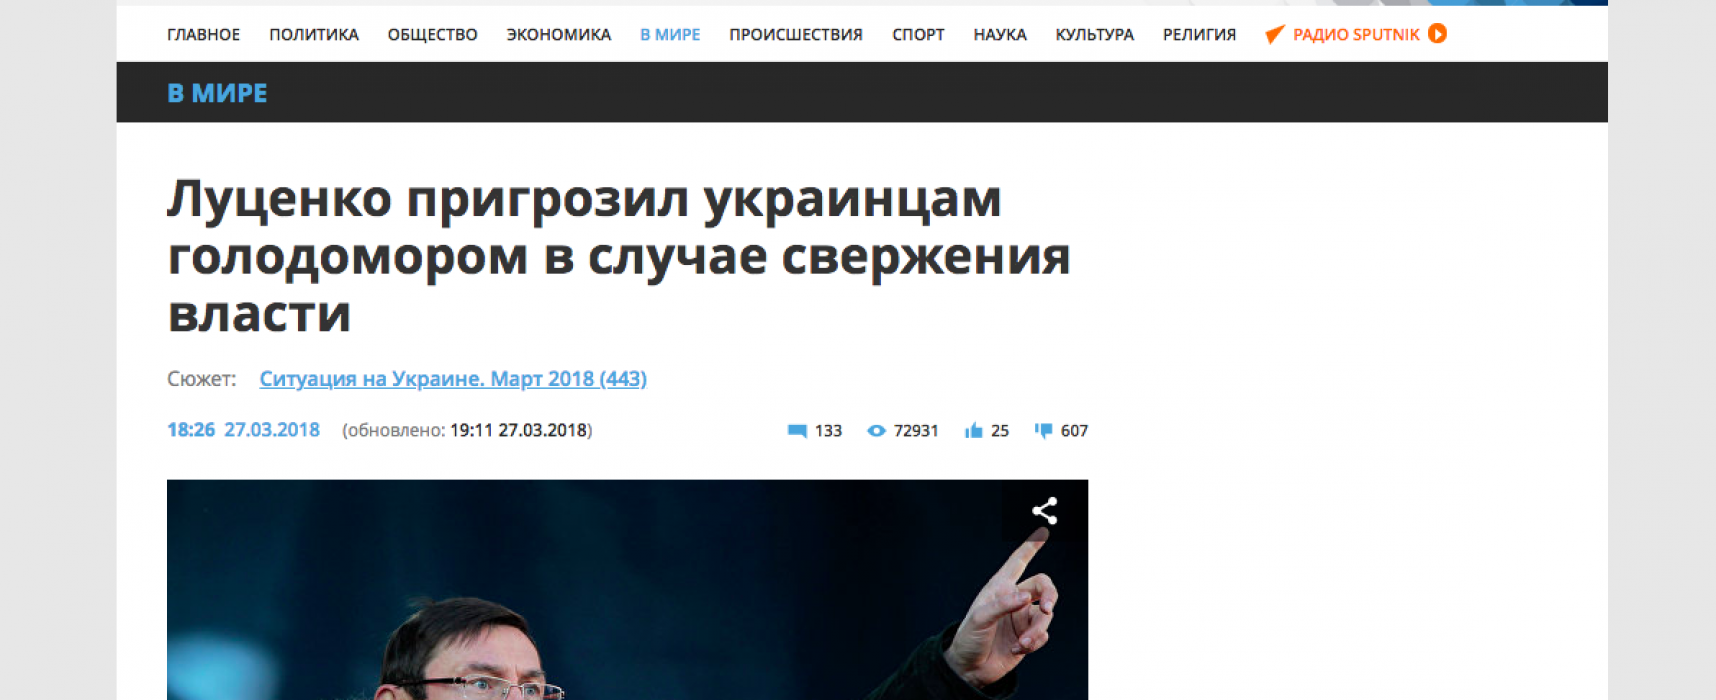 Маніпуляція: Луценко «загрожує українцям Голодомором»